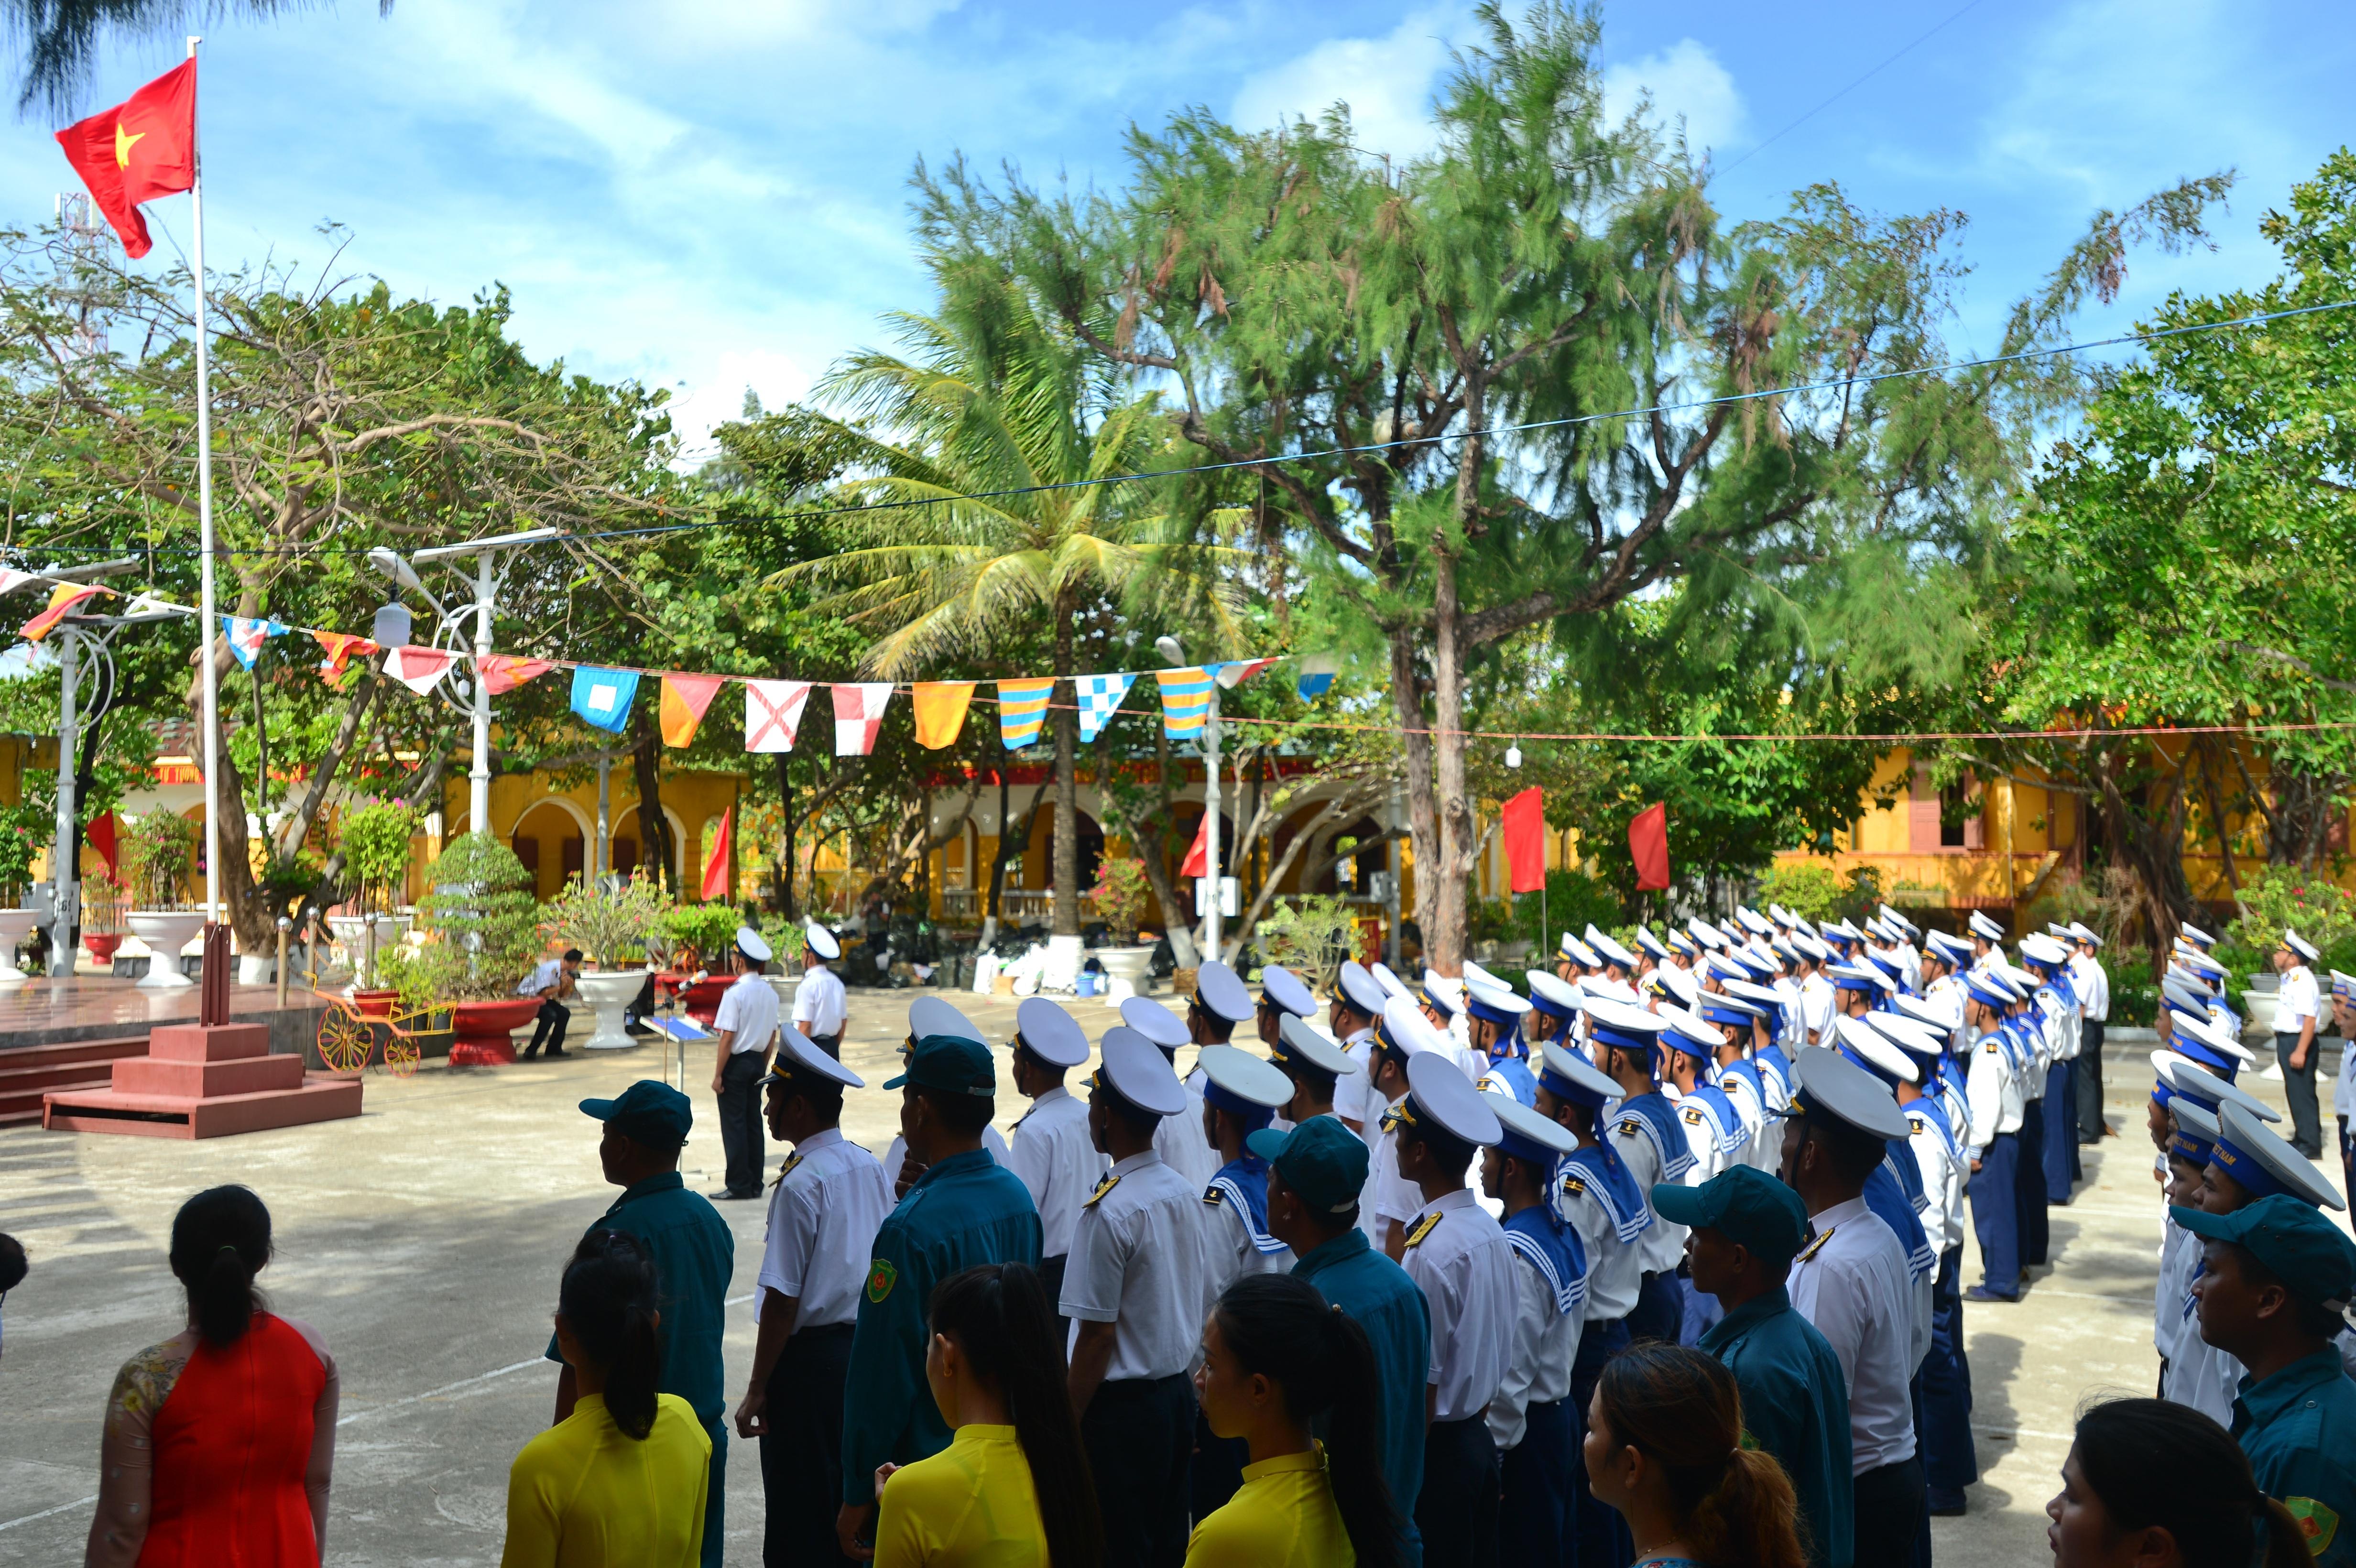 Thiêng liêng lễ chào cờ đầu năm mới tại Trường Sa - 2